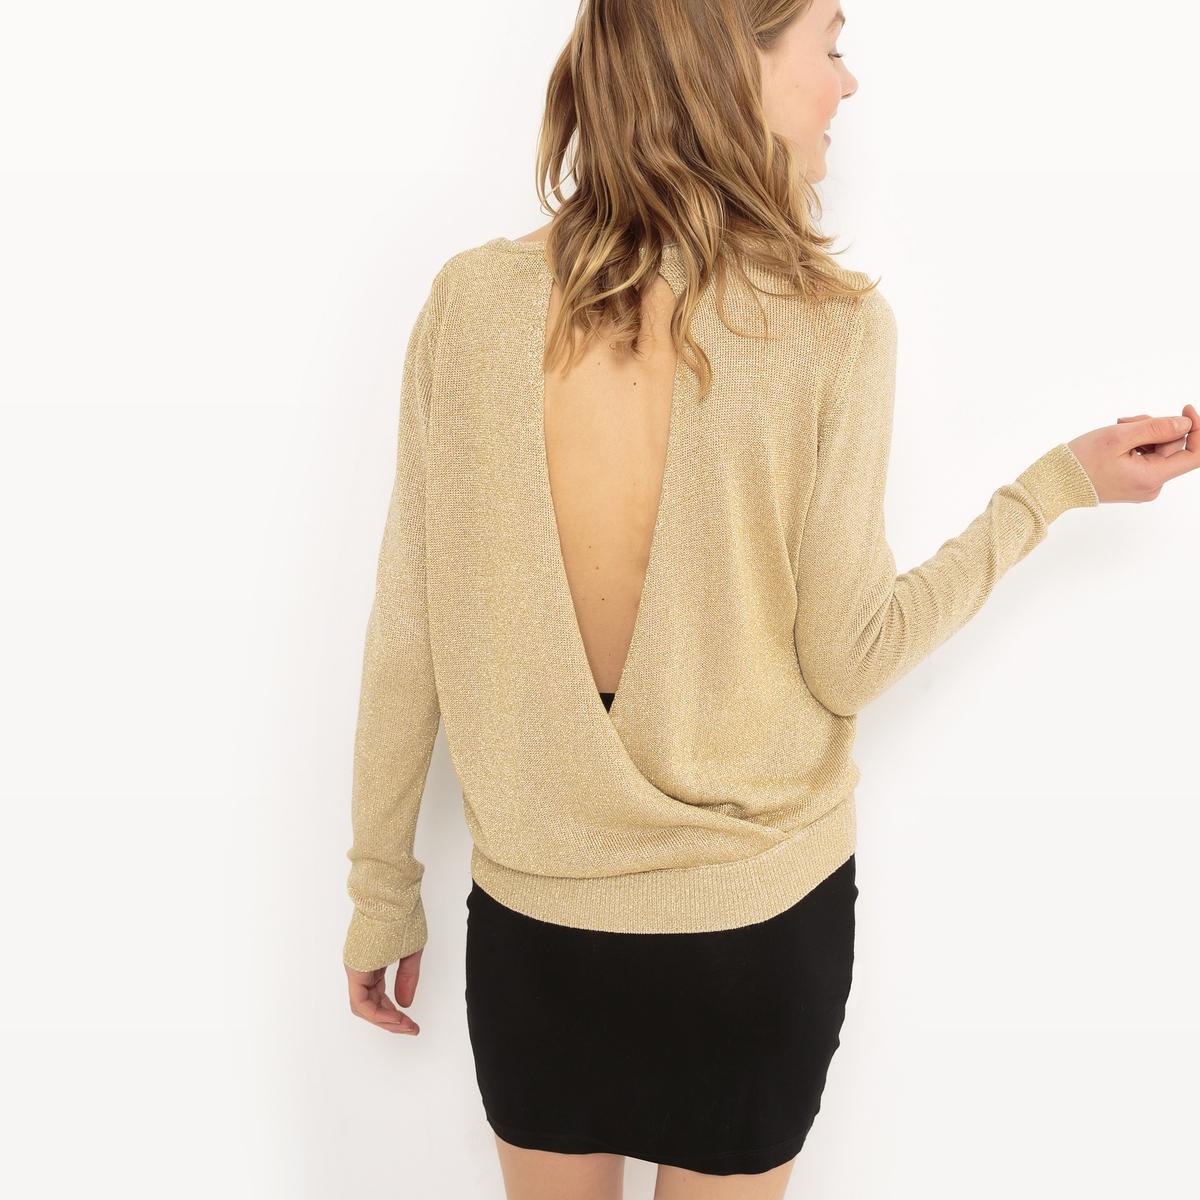 Пуловер с круглым вырезомДетали  • Пуловер прямого покроя •  Длинные рукава •  Круглый вырез •  Плотный трикотажСостав и уход •  80% вискозы, 20% металла •  Инструкцию по уходу смотреть на бирке<br><br>Цвет: розовый,экрю<br>Размер: S.XS.M